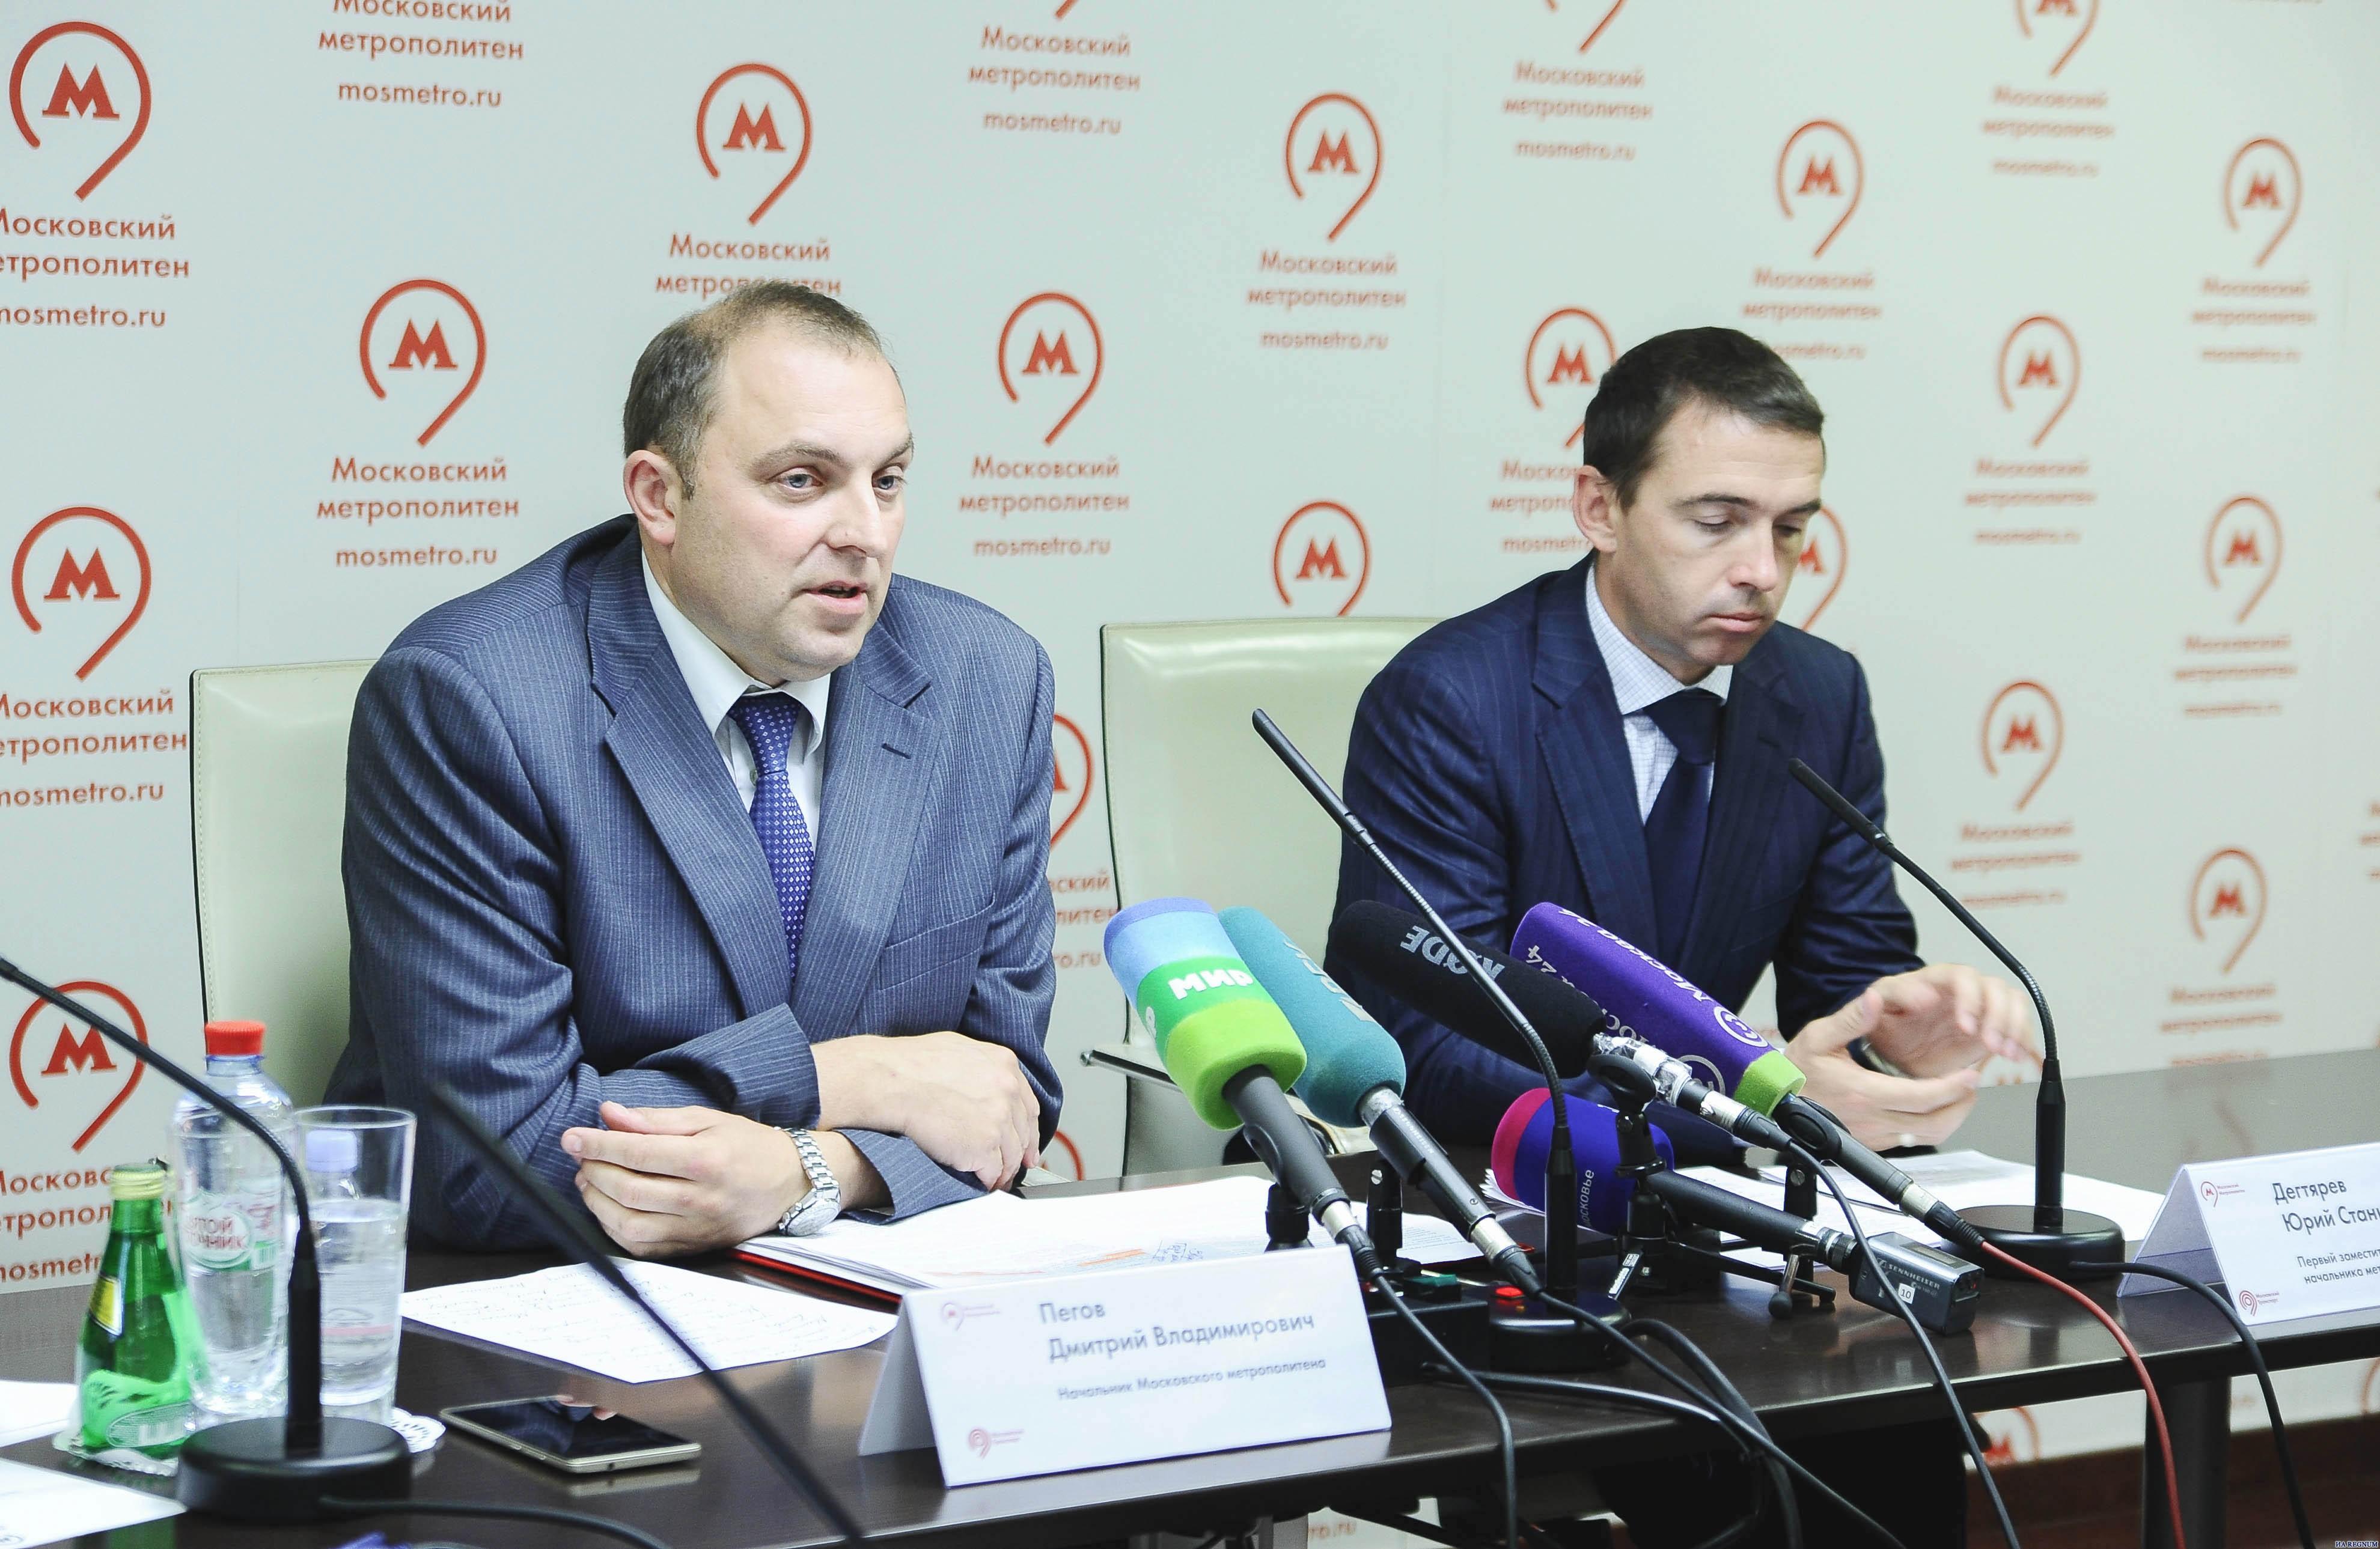 Дмитрий Пегов и Юрий Дягтерев.